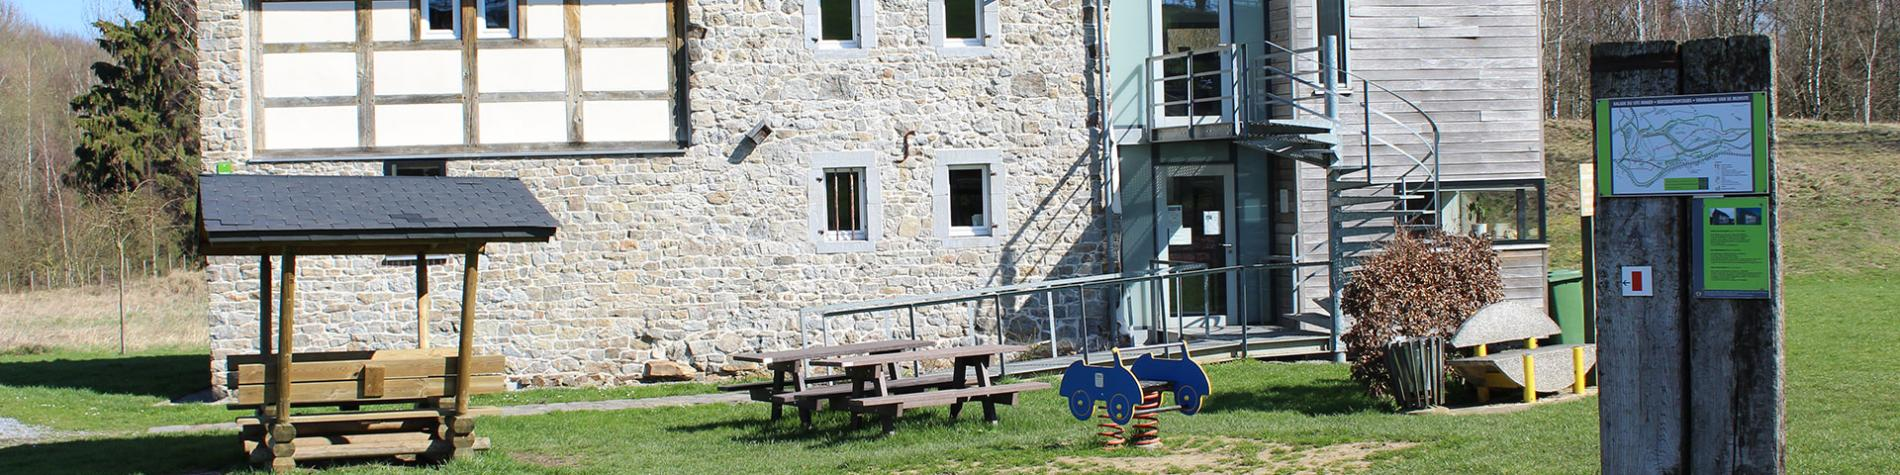 maison site minier - 3 frontières - office du tourisme - Plombières